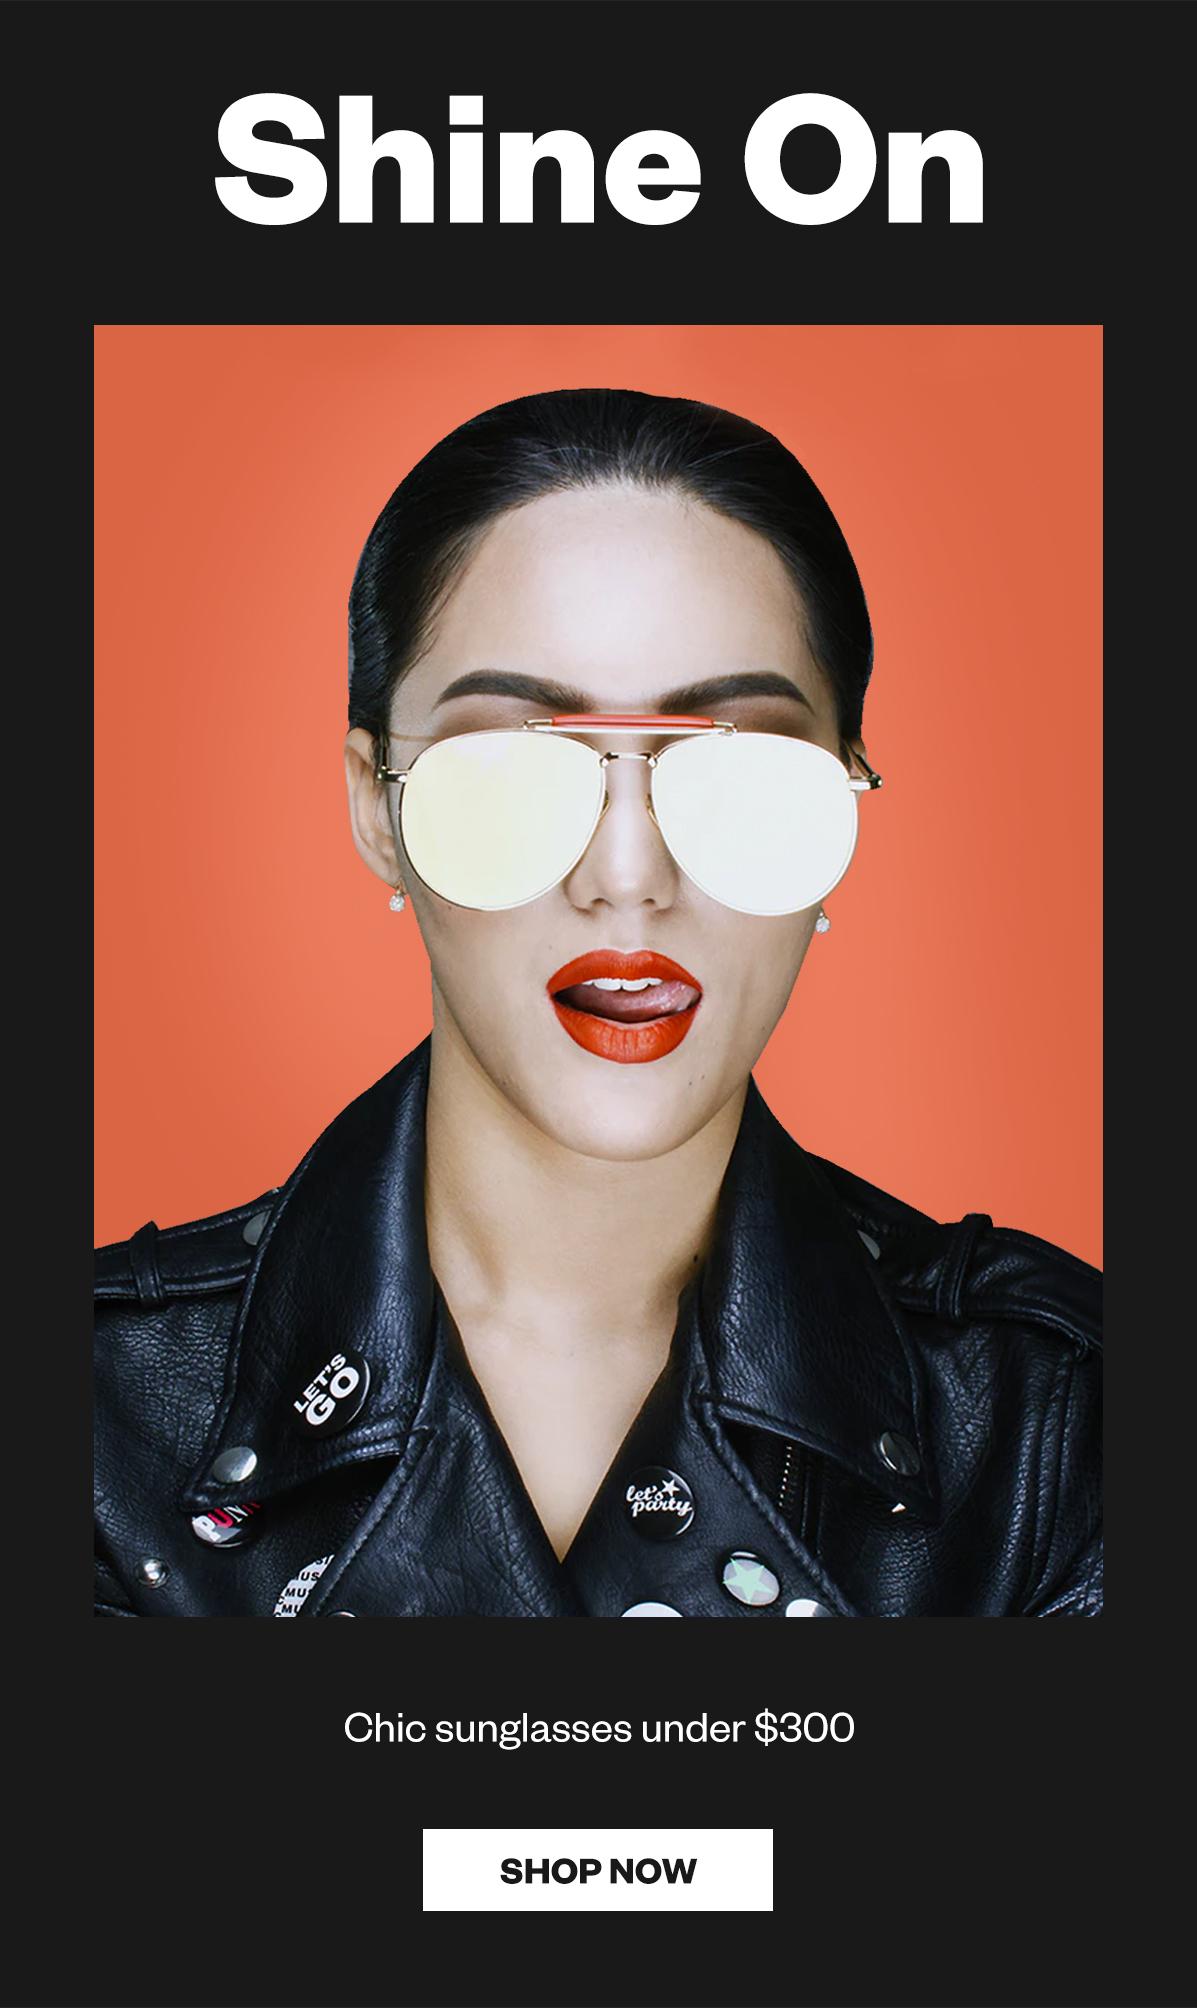 SunglassesUnder300.jpg